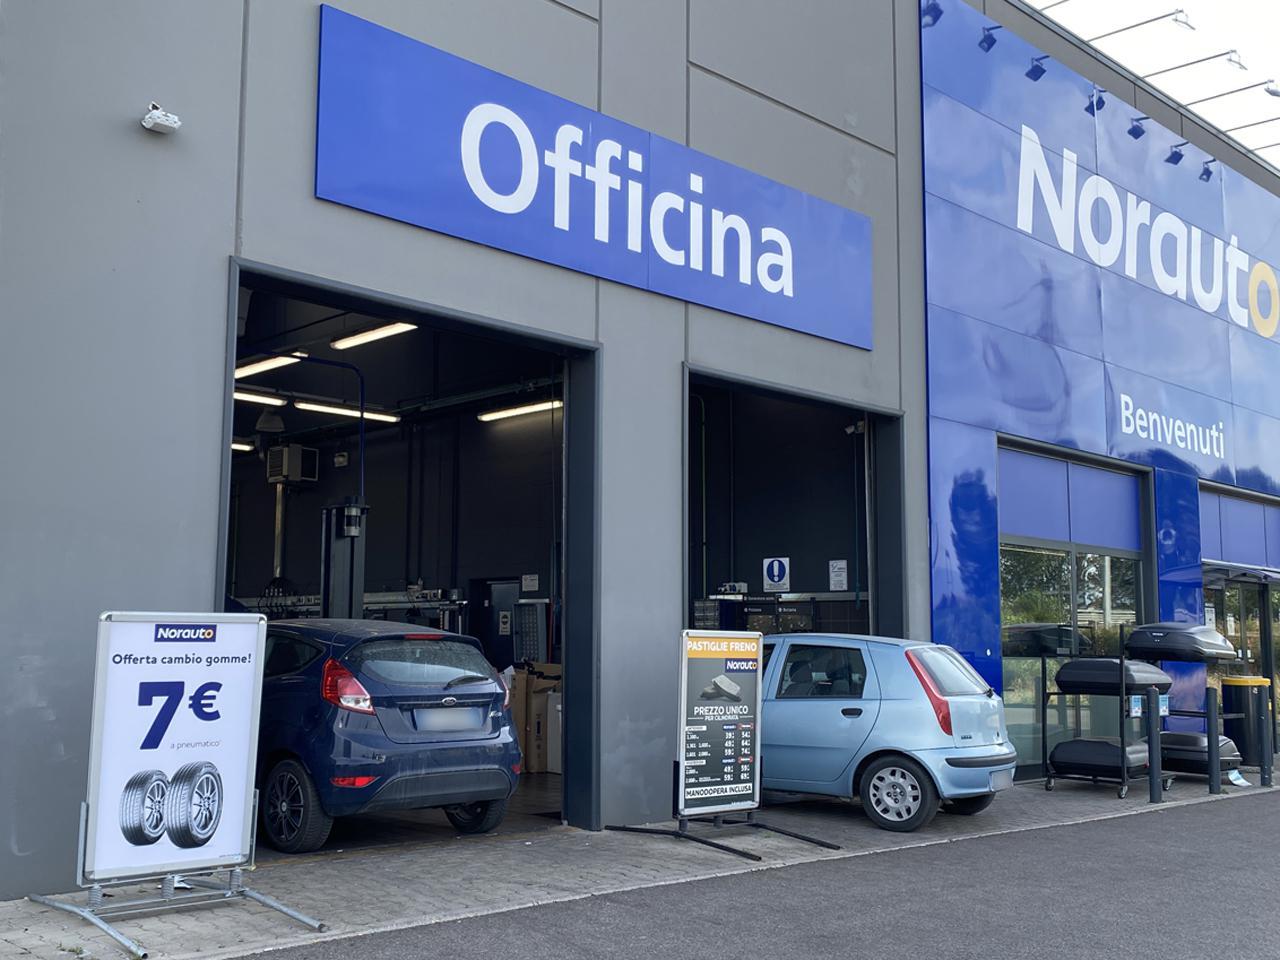 画像: 整備ブース入口脇にある立て看板のように、明朗な料金体系もイタリアでは革新的といえる。